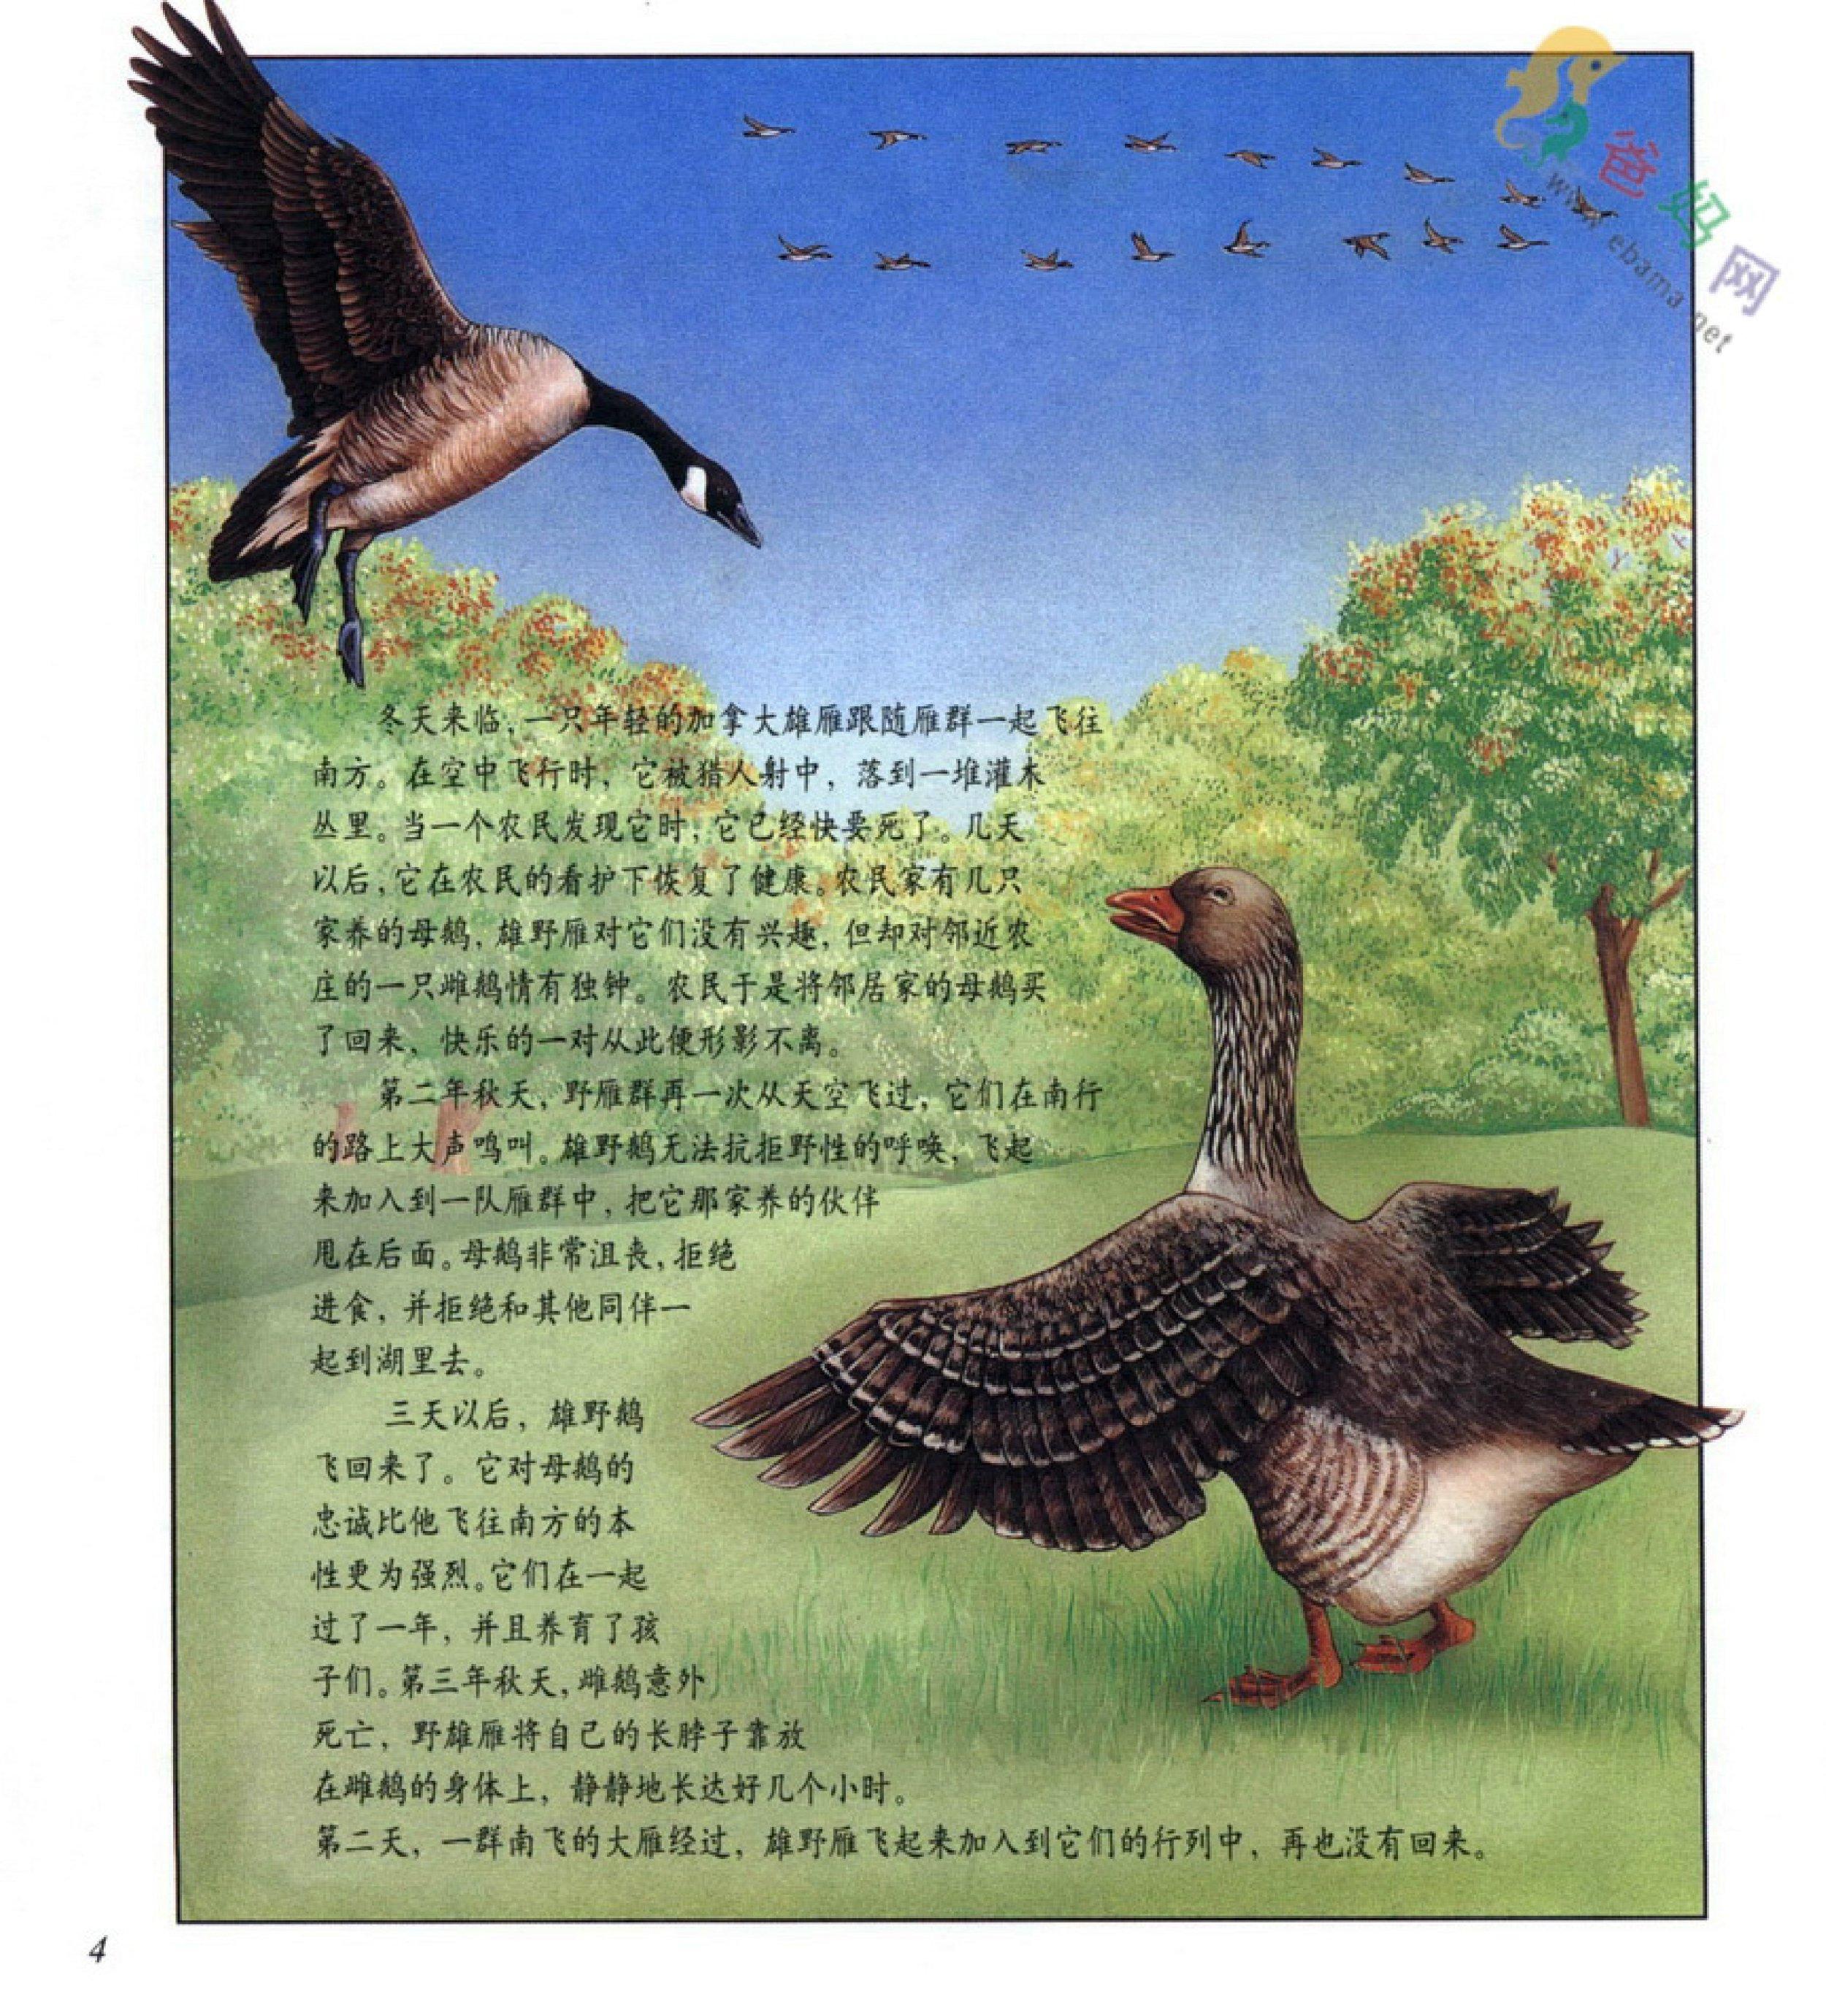 百科类——生命真奇妙—动物也有感情吗 - 儿童图书